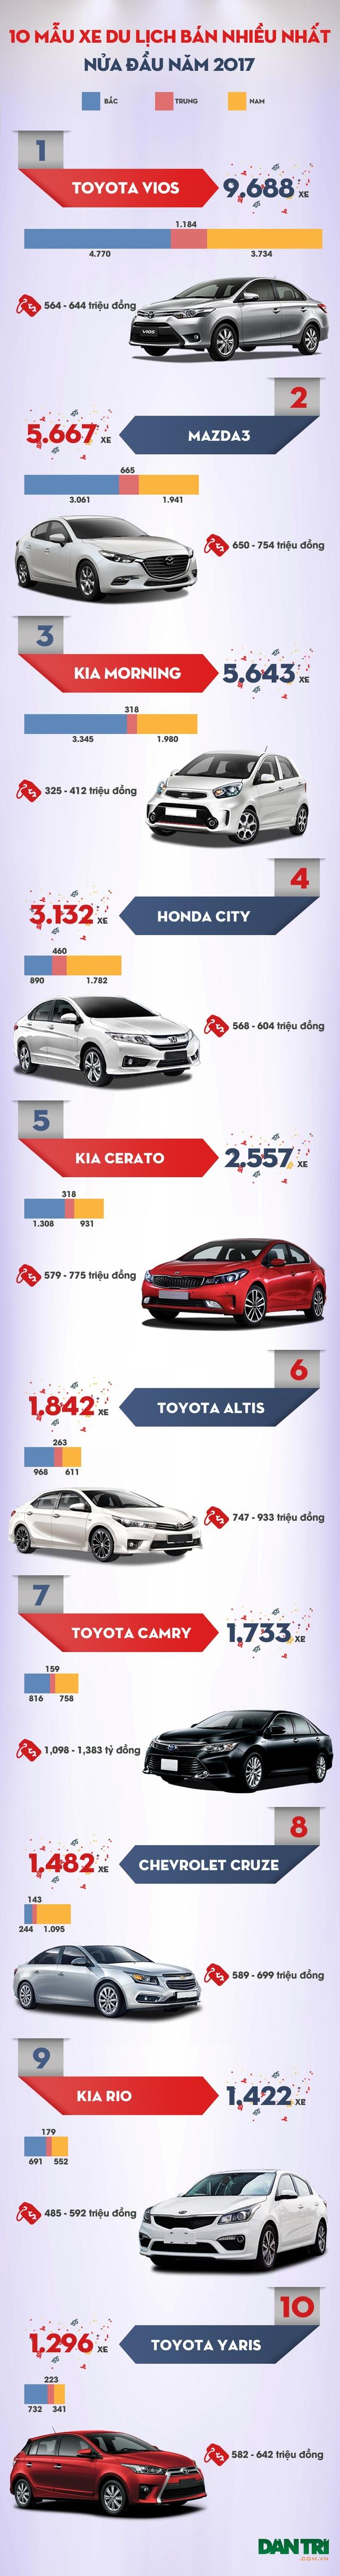 10 mẫu xe con bán chạy nhất nửa đầu năm 2017 - 1